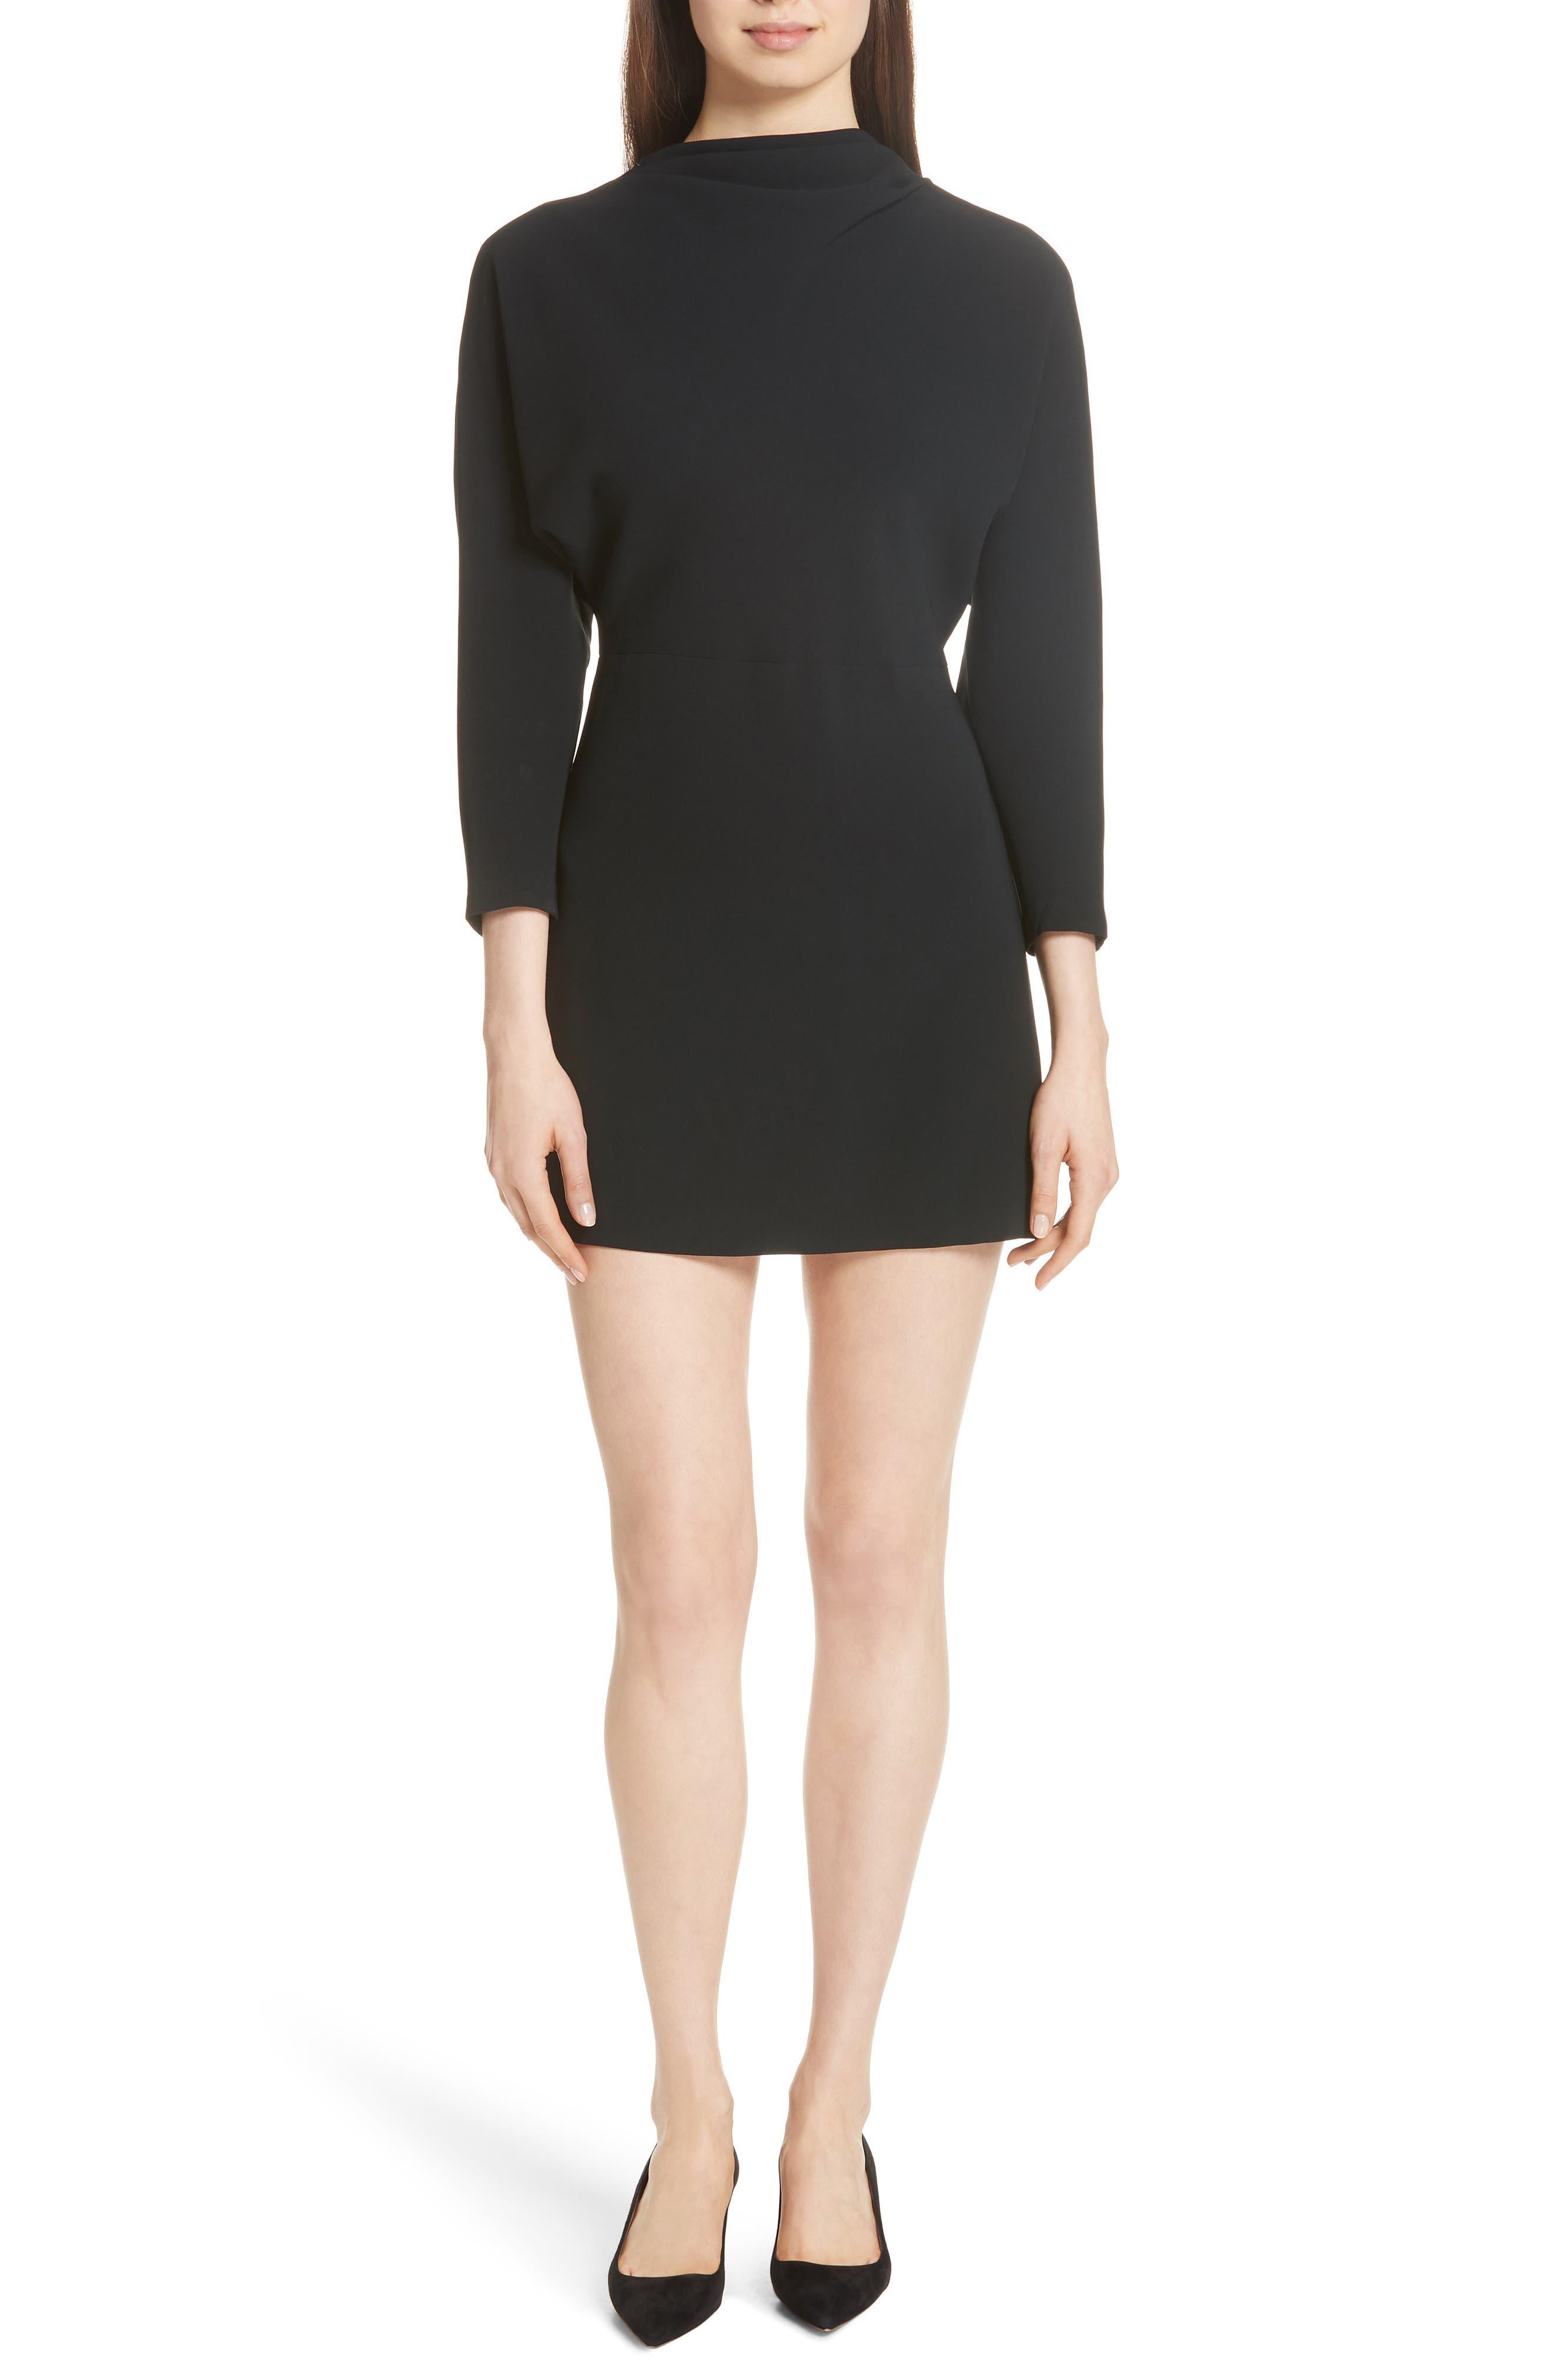 A.l.c. Marin Dolman Dress, Black